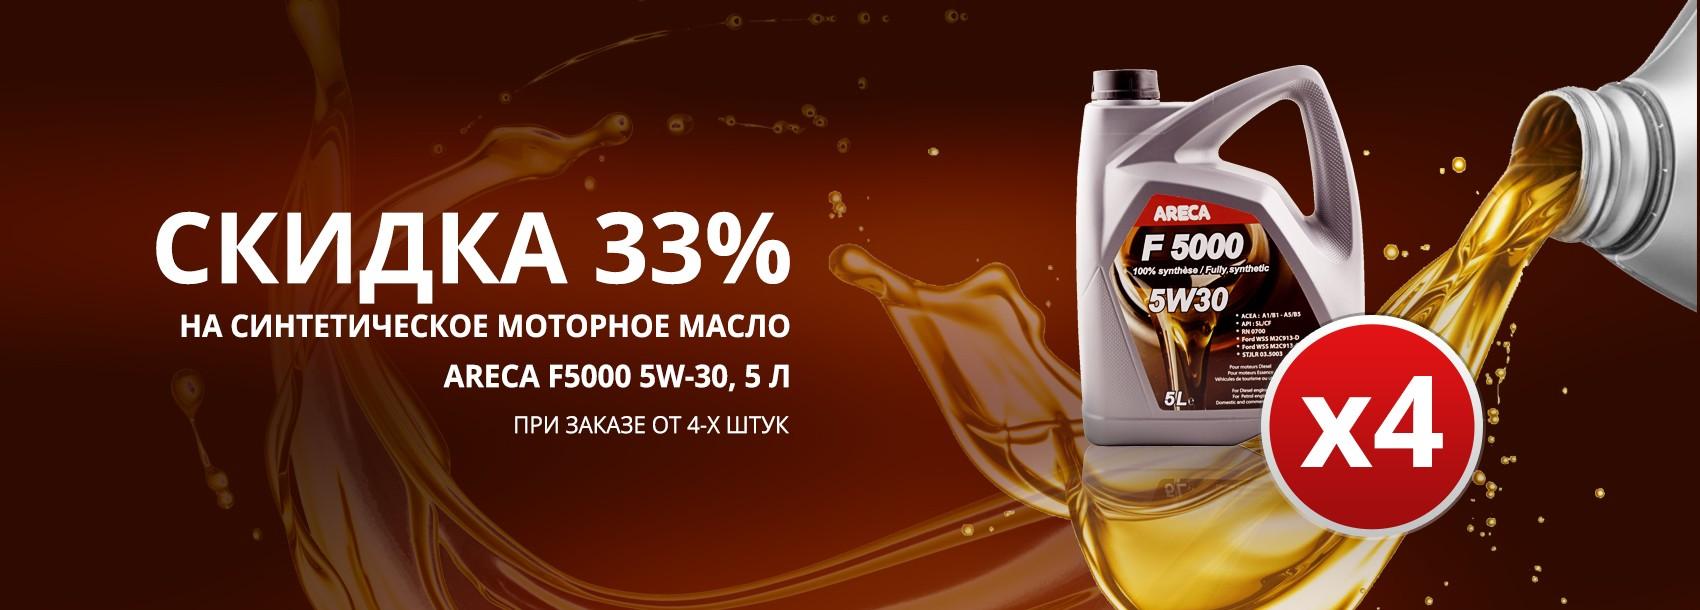 Моторное масло Areca со скидкой 33%